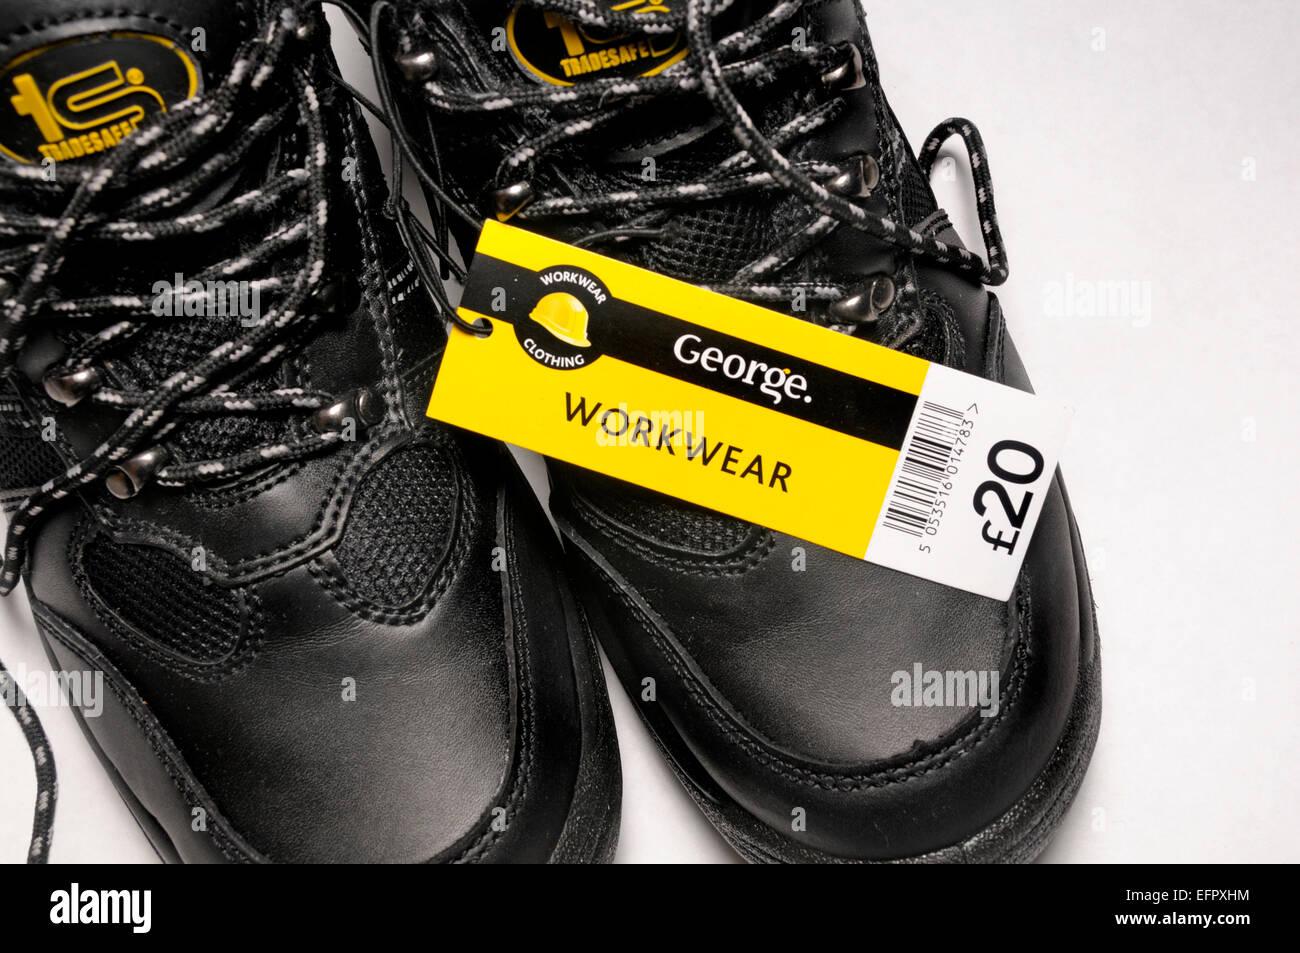 Scarpe a buon mercato (£20) acquistati presso la Asda (UK) Immagini 3e8ff0788d4